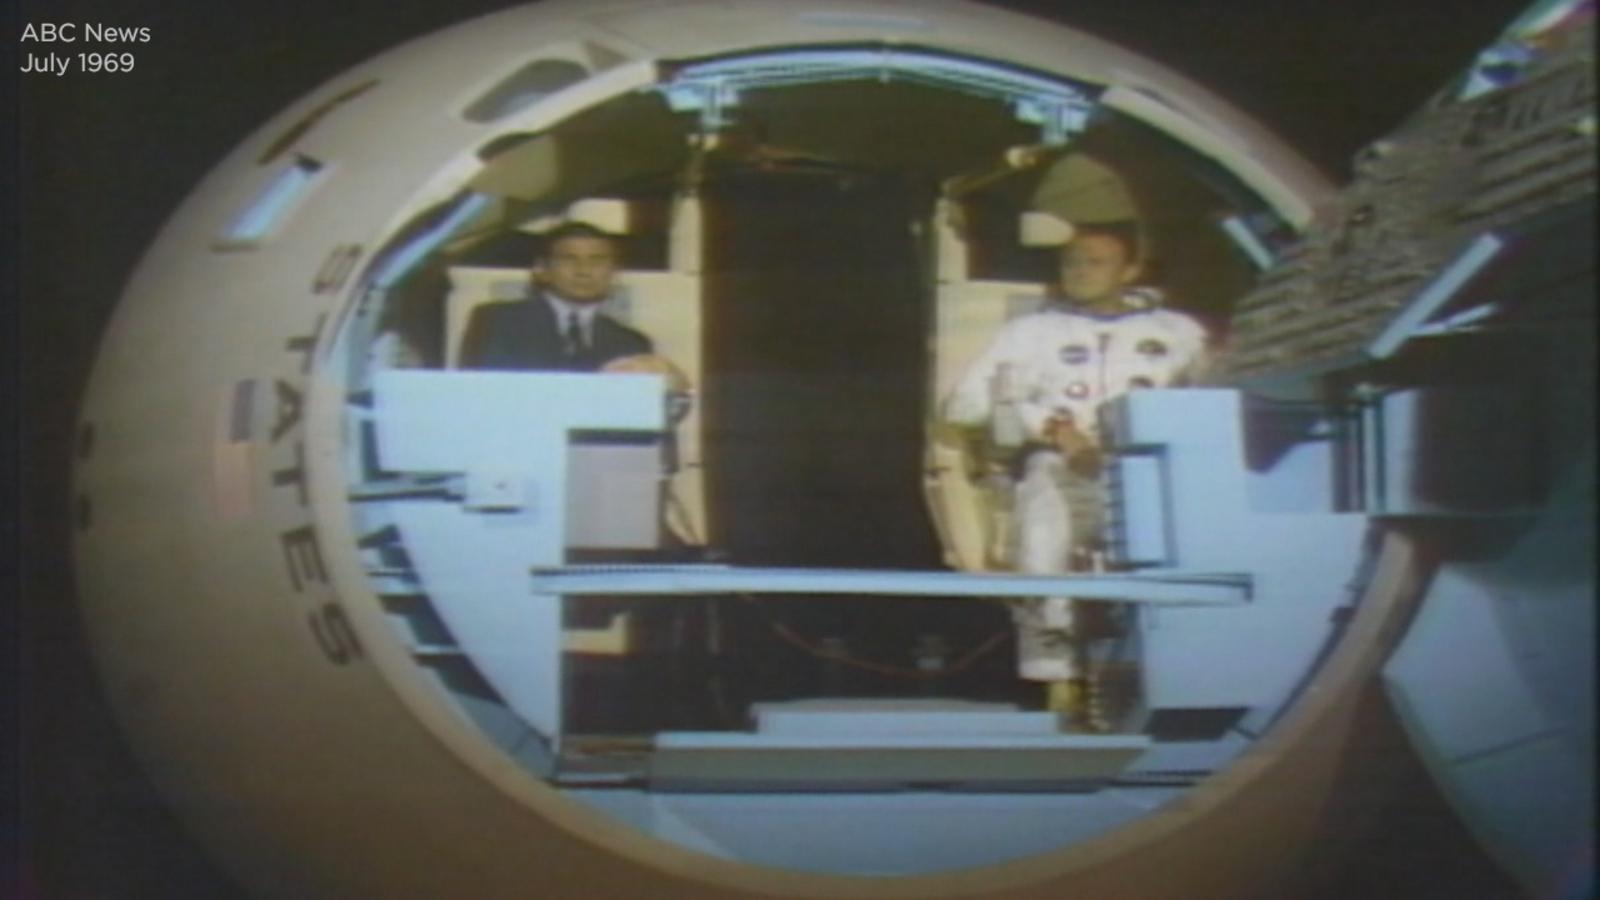 Apollo 11 anniversary: Go inside mock Apollo command module, learn how it works